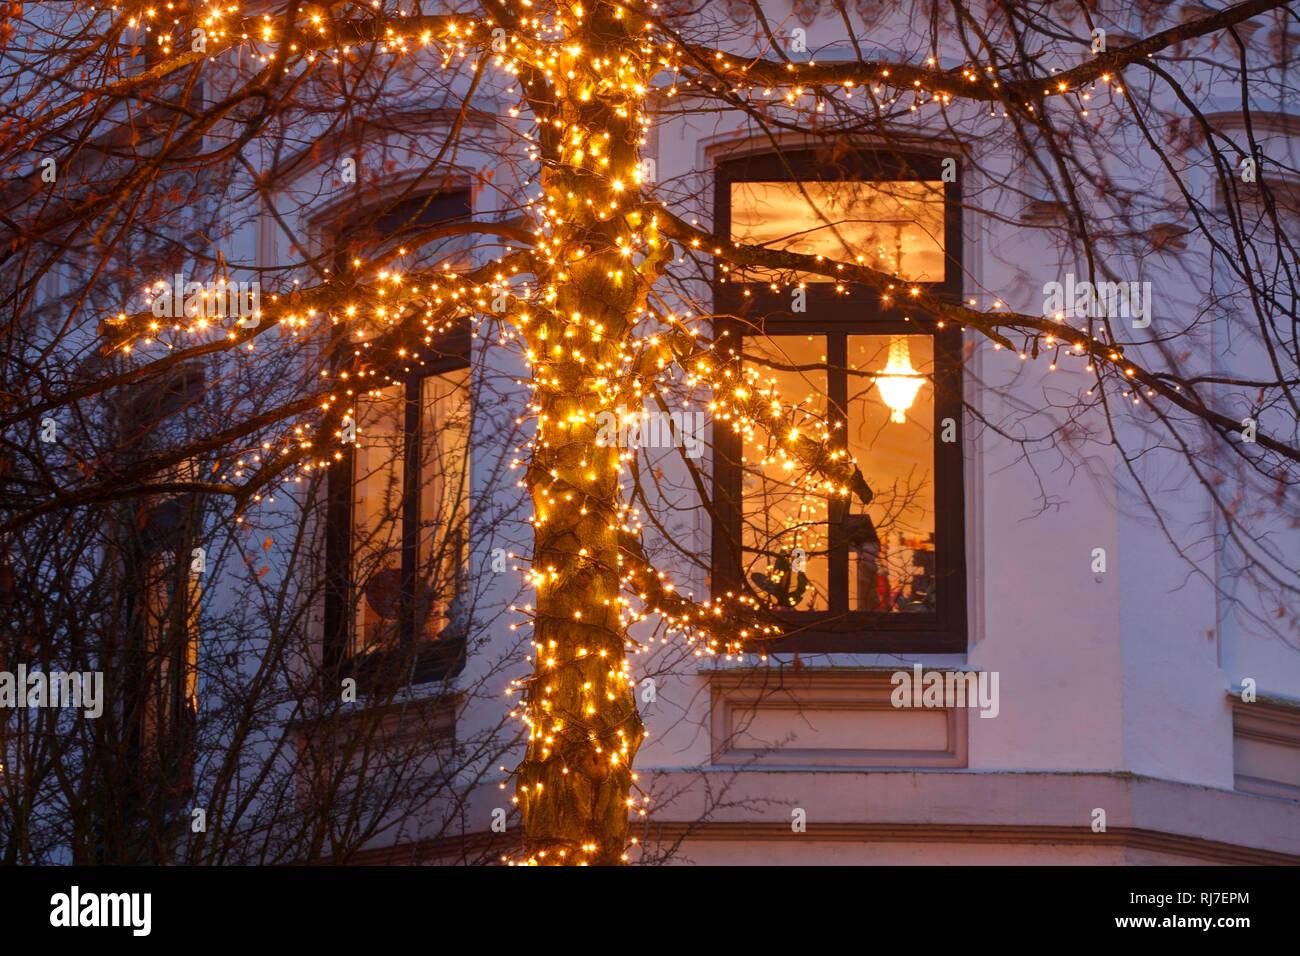 Weihnachtsbeleuchtung Am Fenster.Weihnachtsbeleuchtung Baum Fenster Viertel Bremen Deutschland